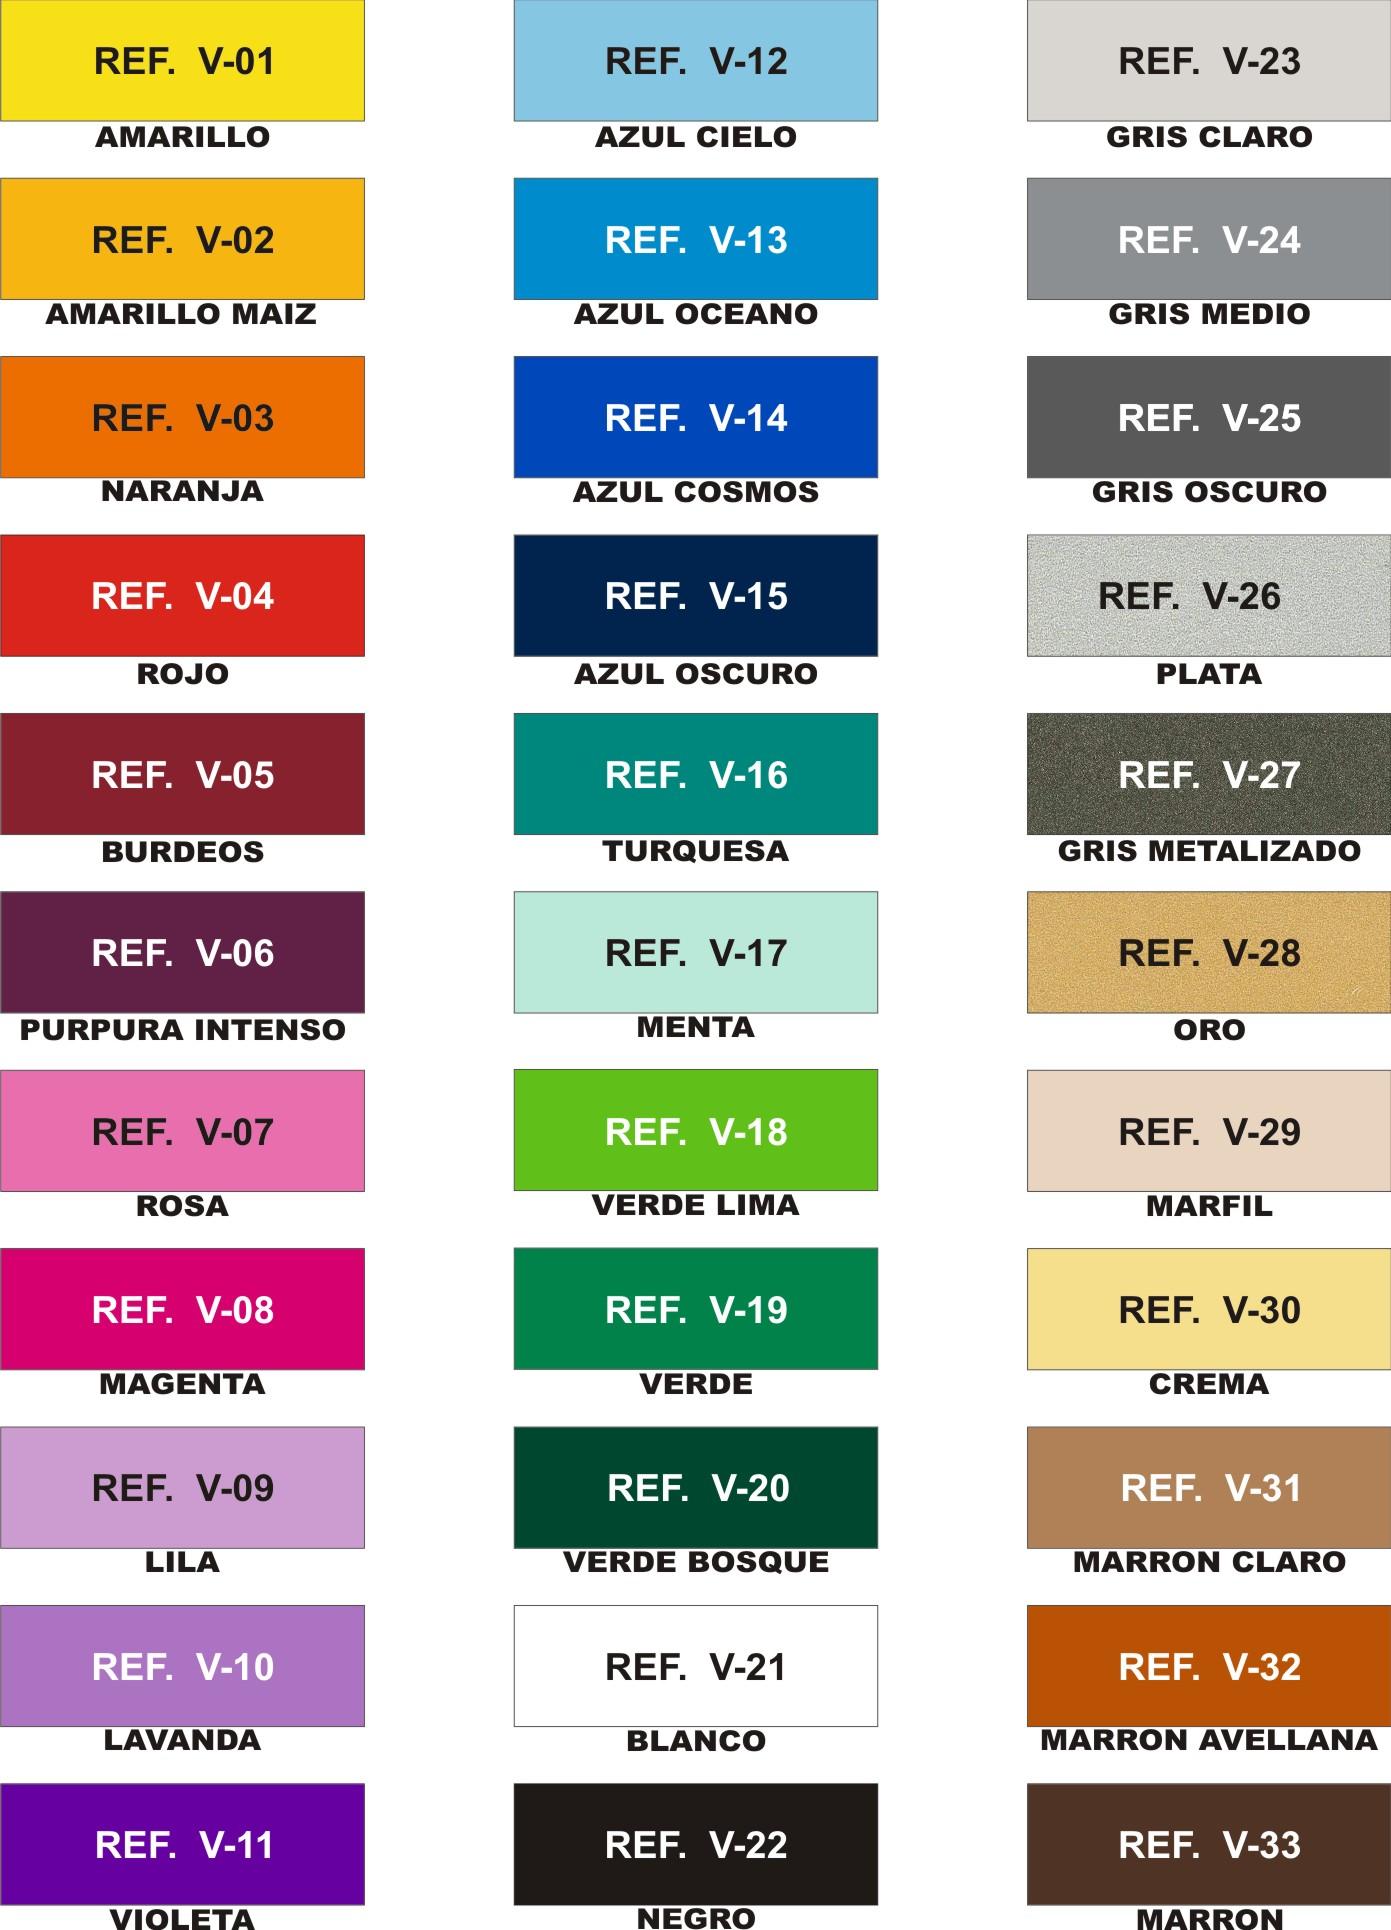 Casas cocinas mueble colores d pinturas for Tabla de colores pintura interior